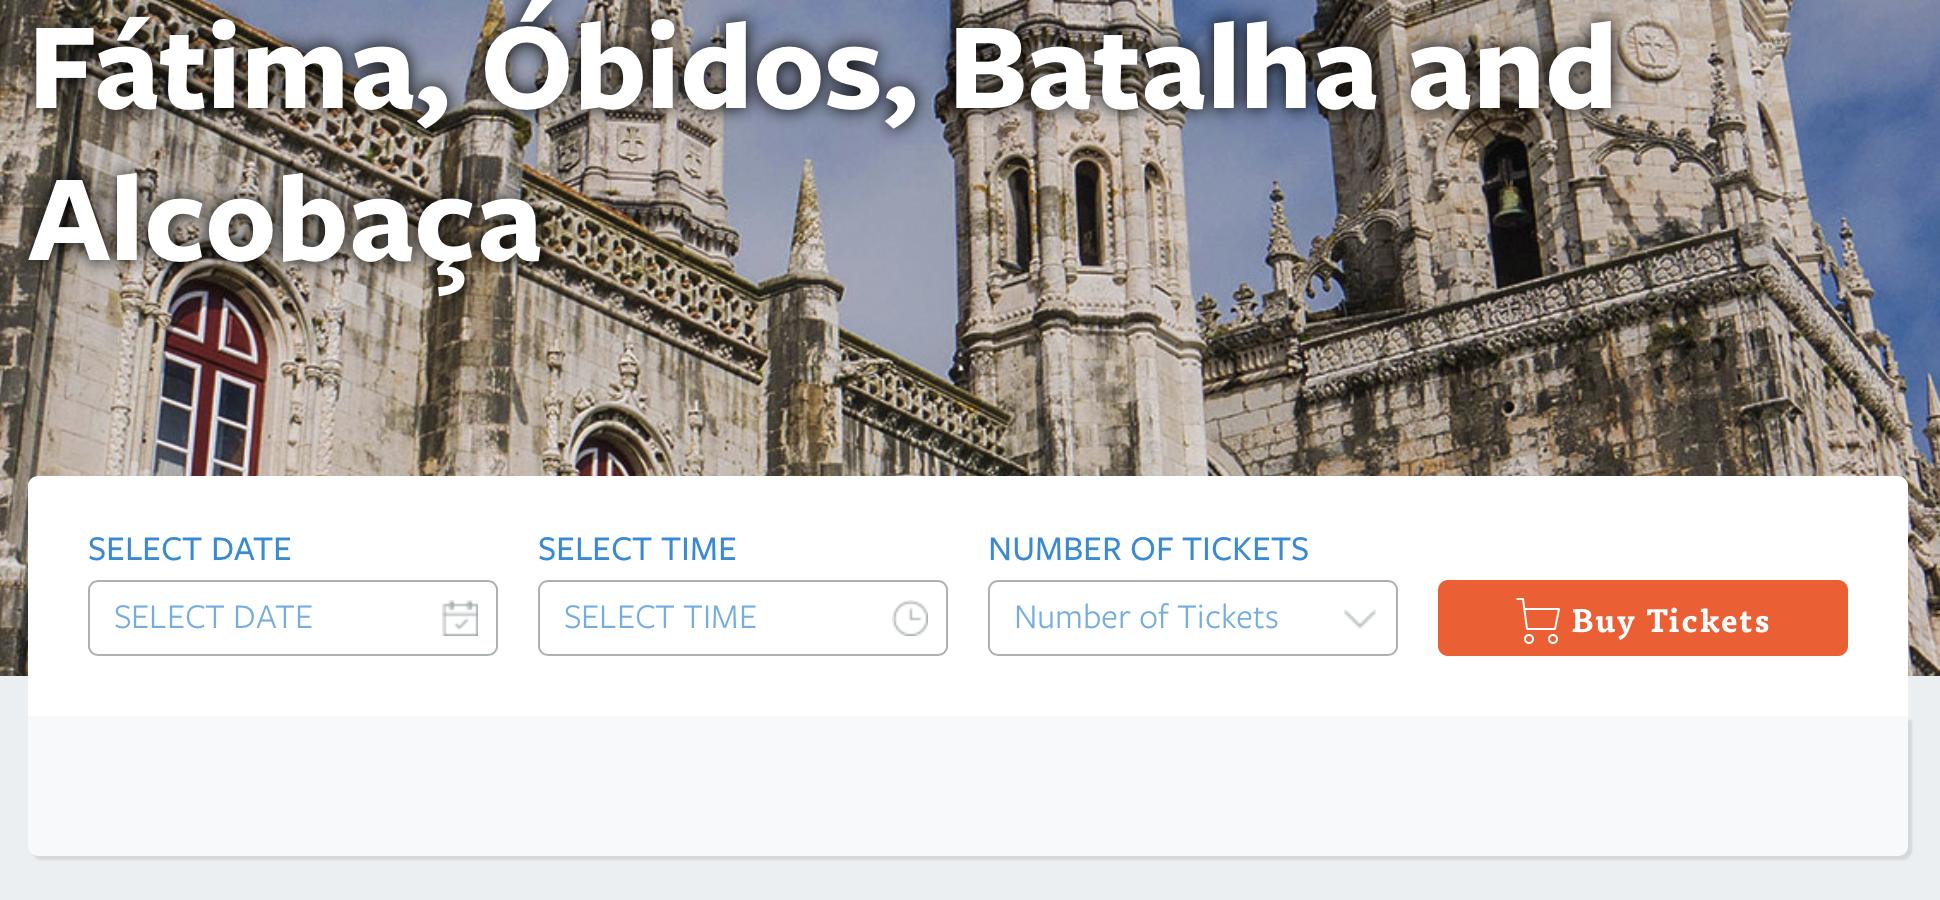 Wycieczka z Lizbony do Fatimy, Obidos, Batalha i Alcobaca